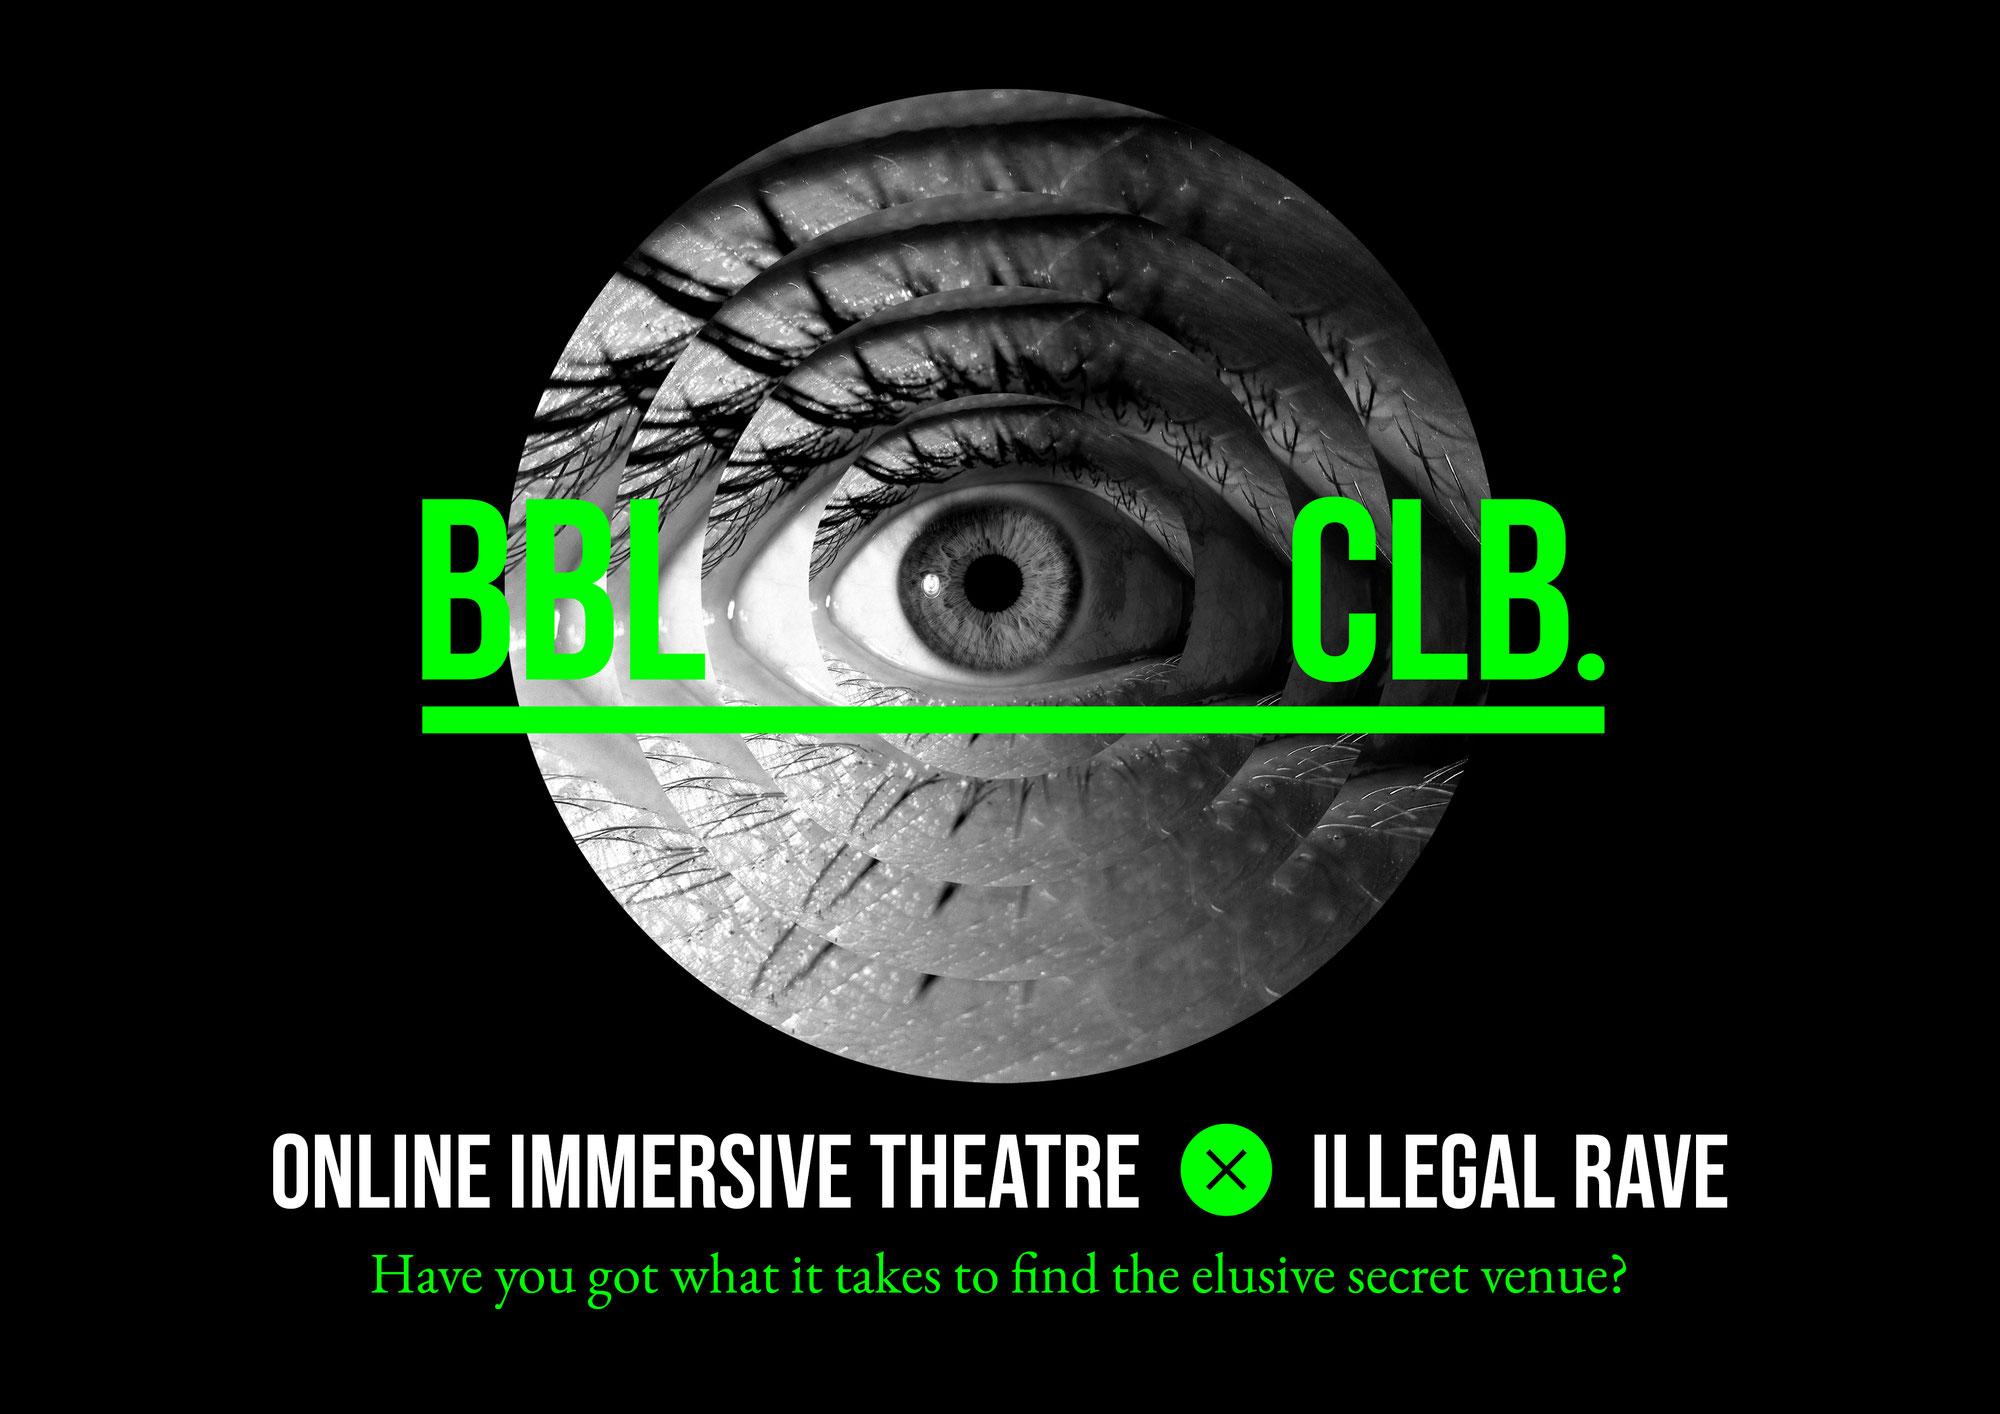 BBL CLB